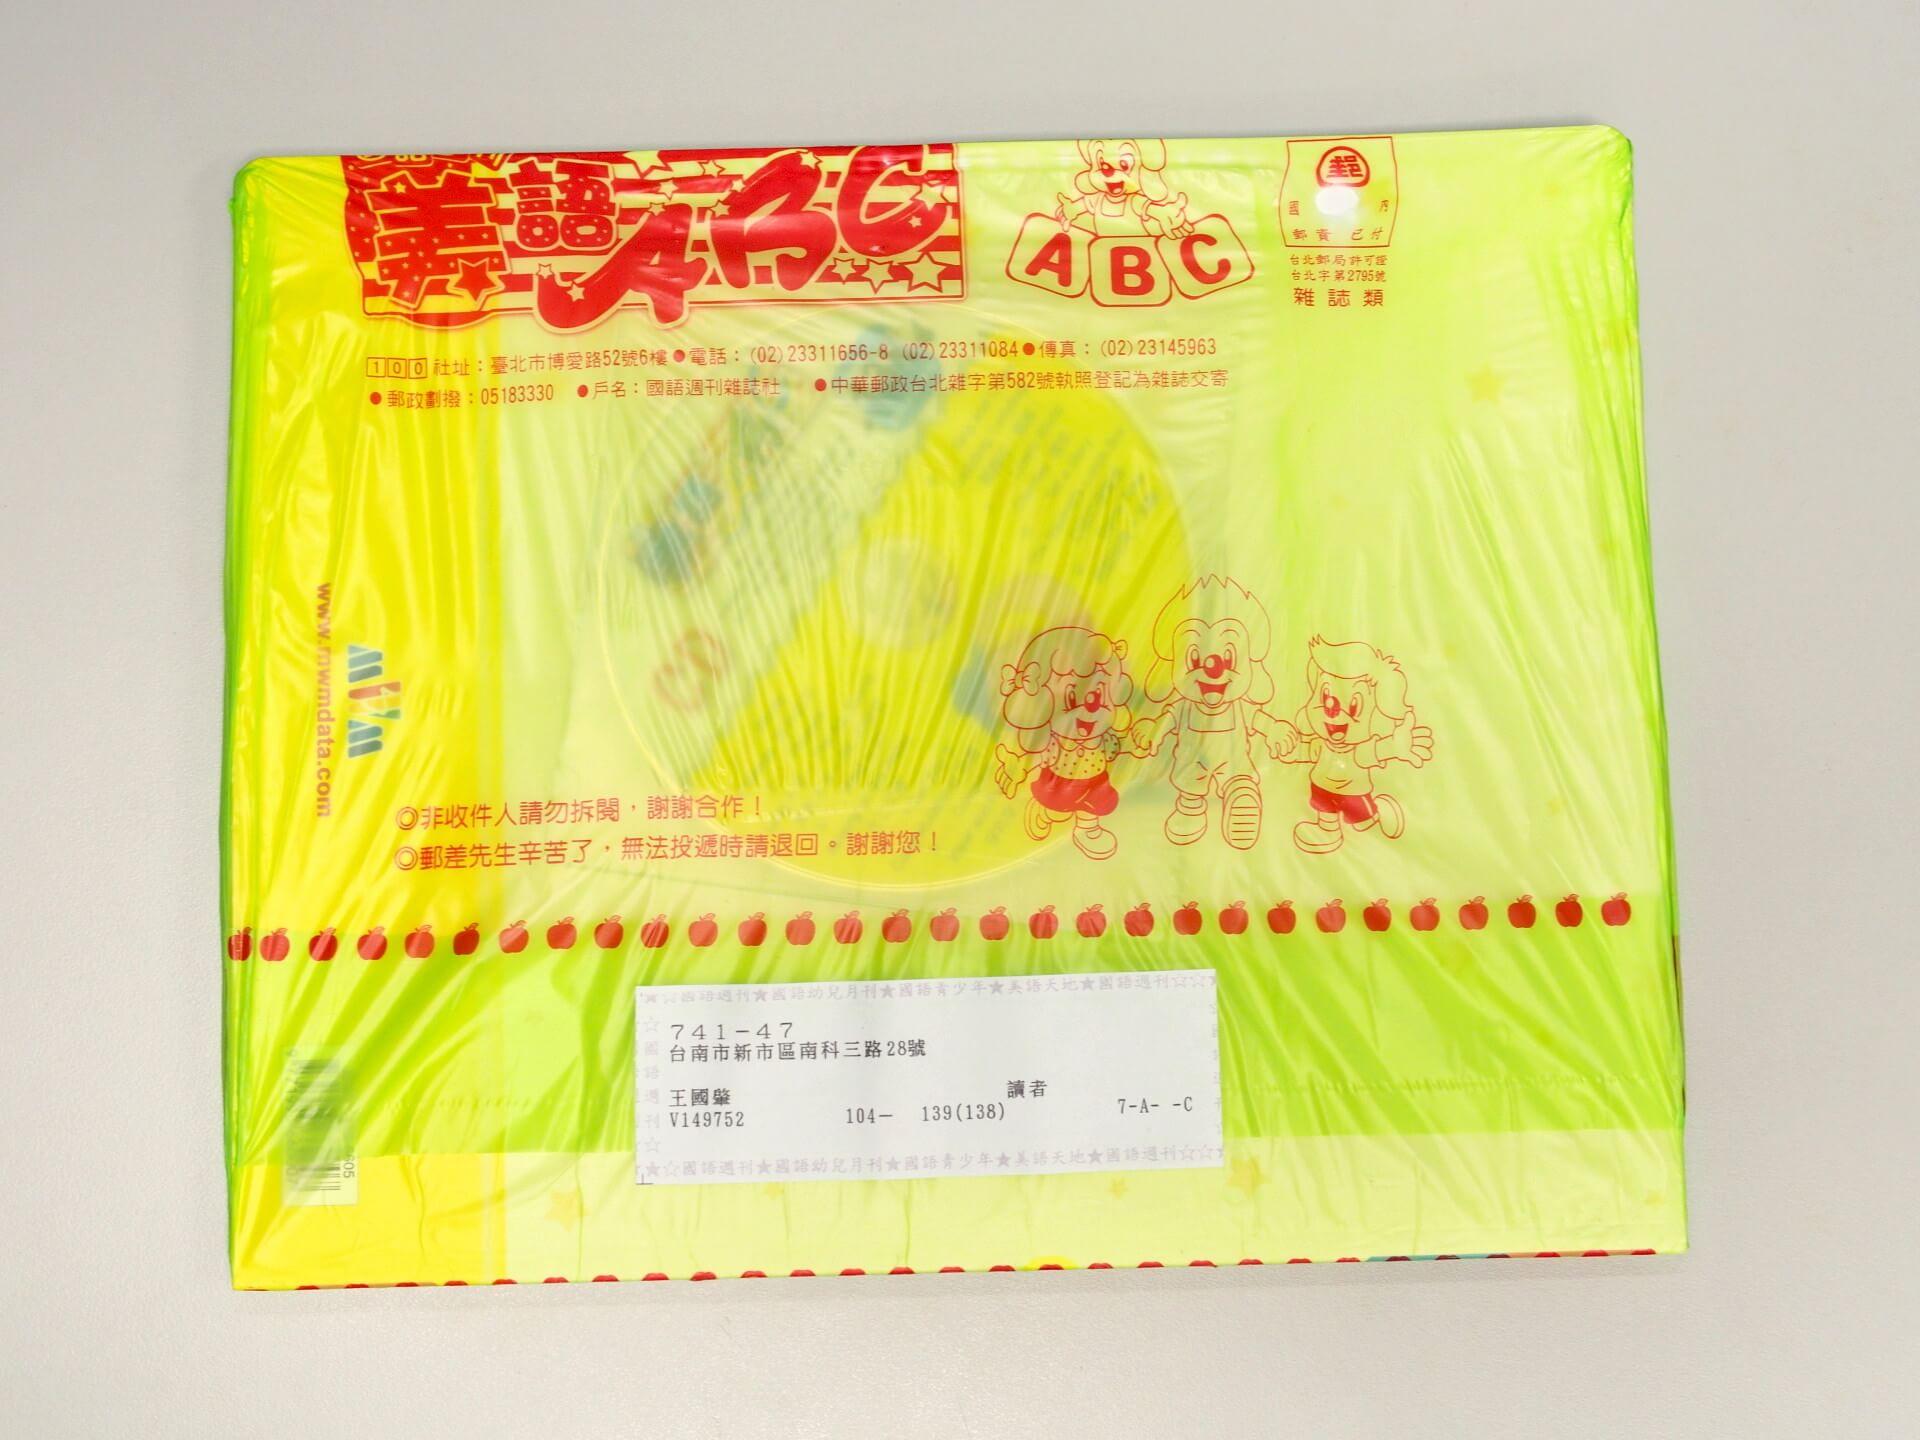 可用音筆點擊的國語幼兒月刊、國語週刊、美語 ABC - G. T. Wang